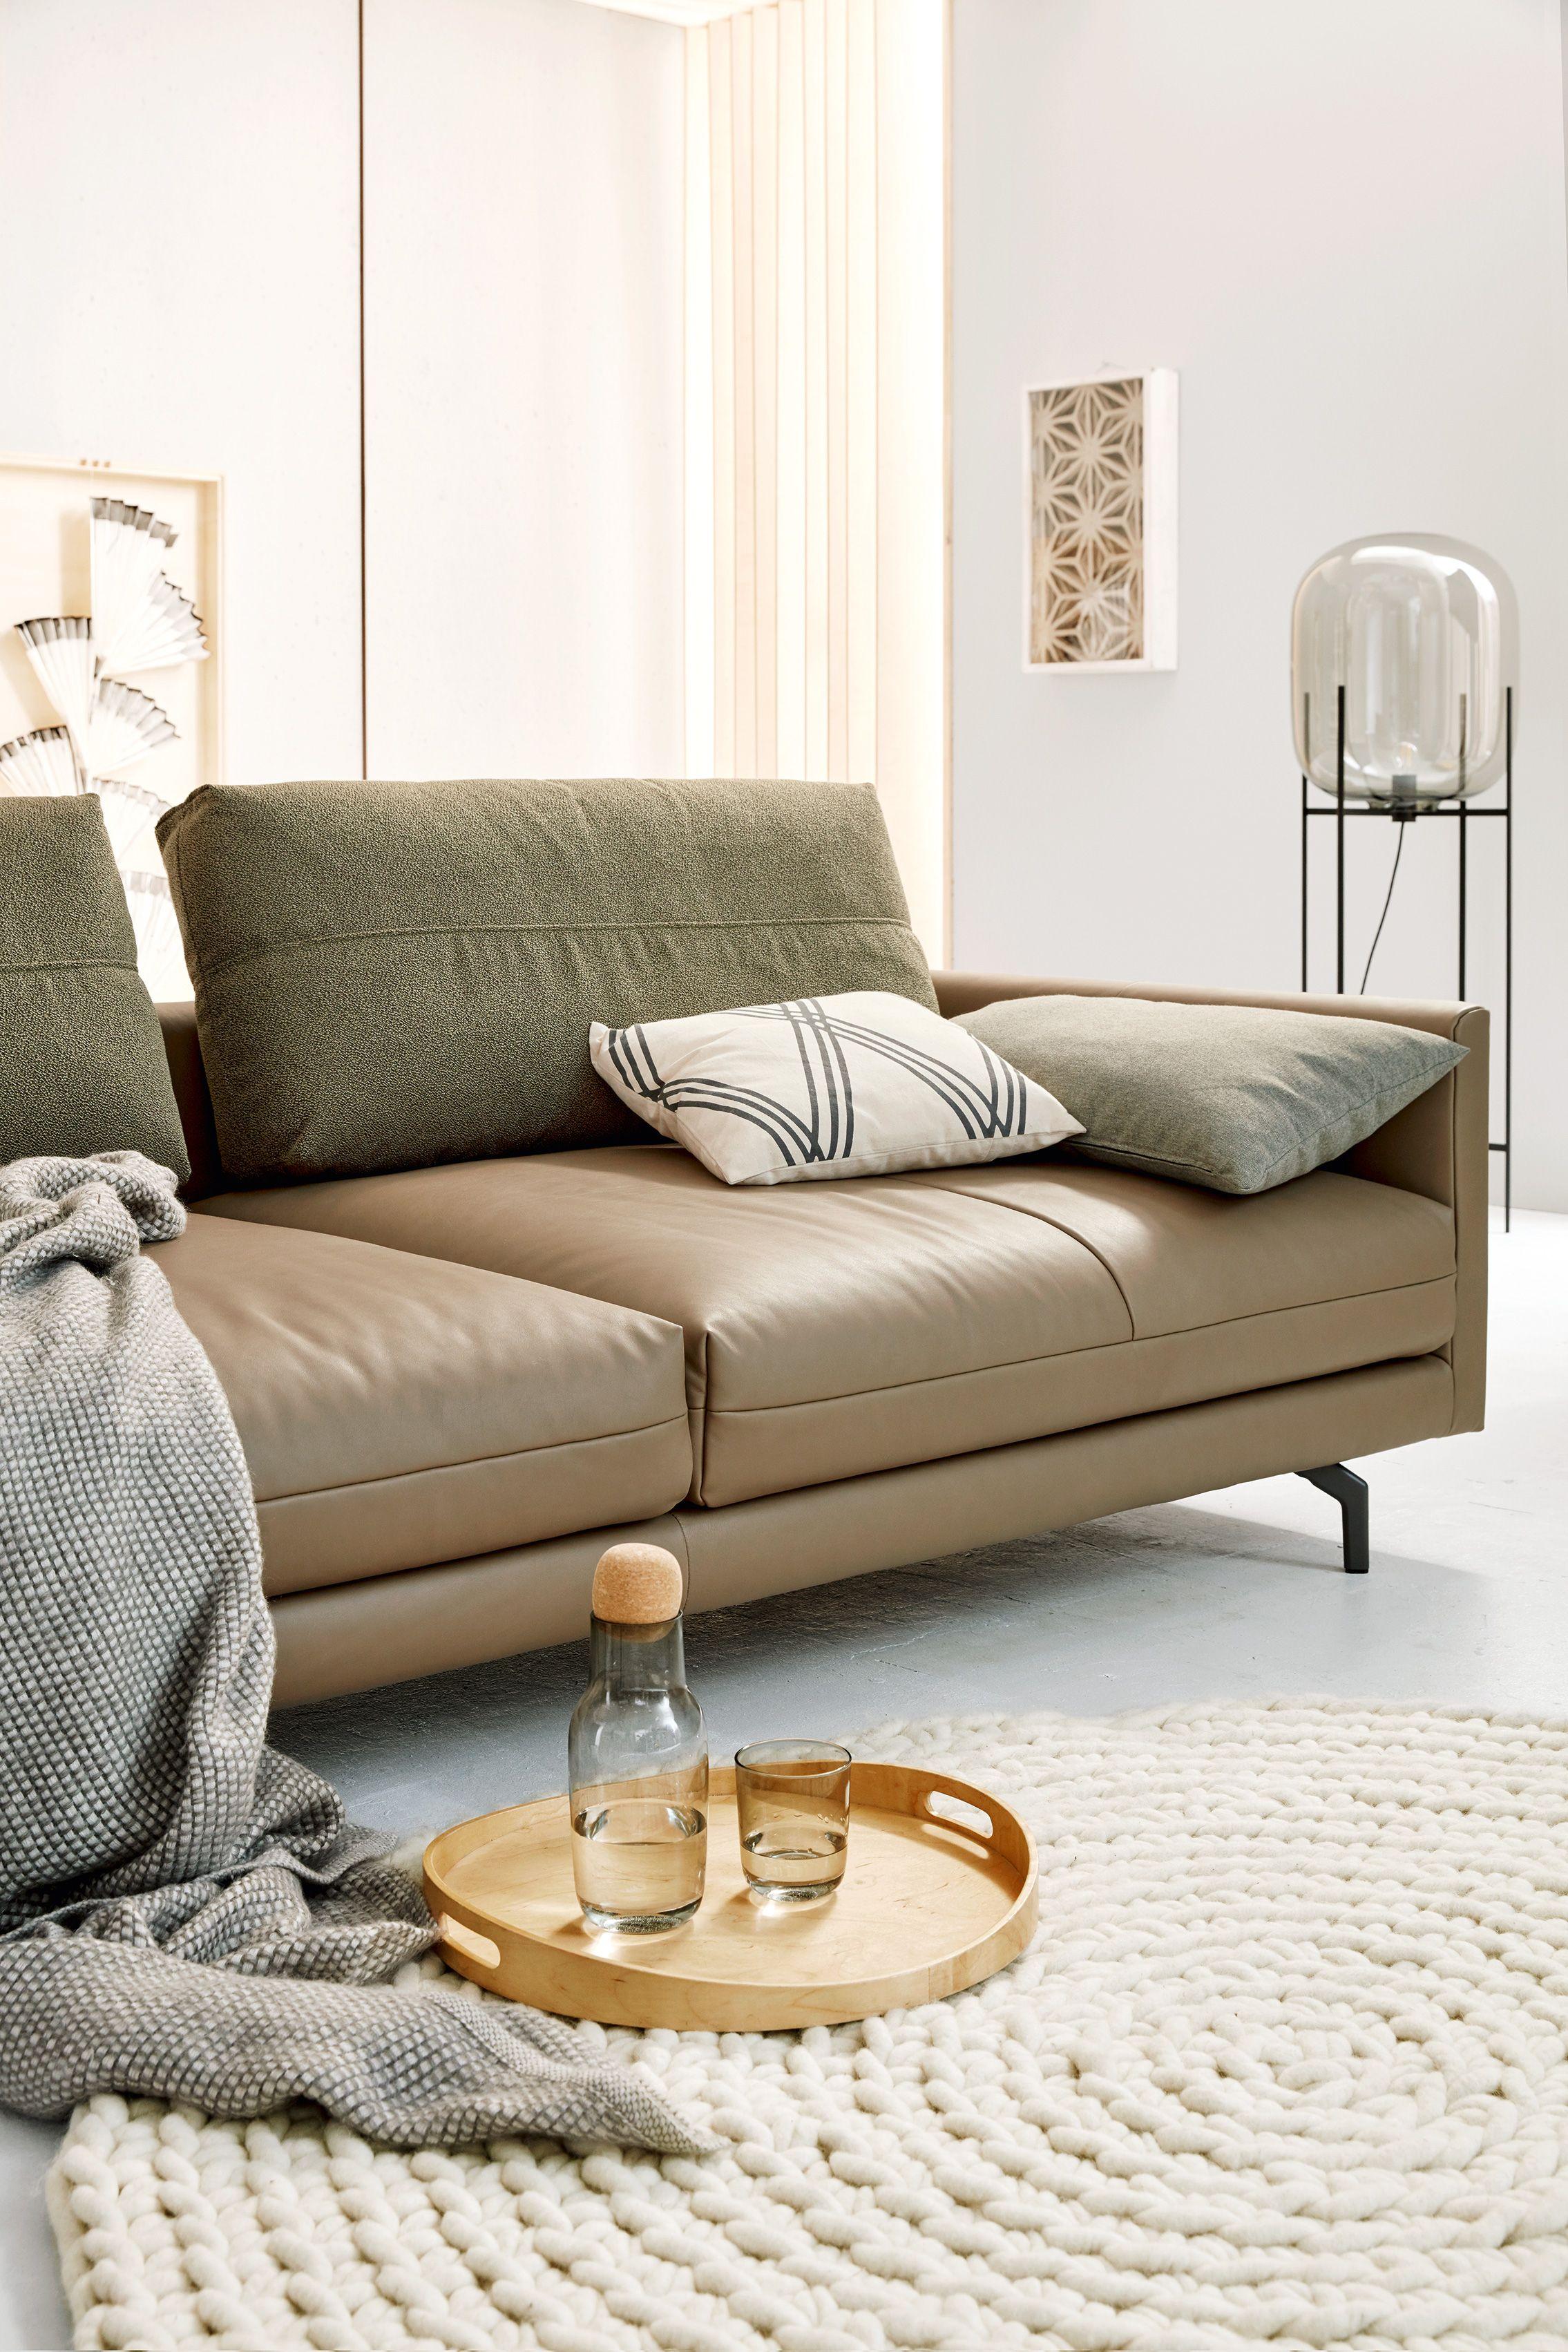 Amüsant Hülsta Couch Sammlung Von Hülsta Sofa Hs.414 Sofa über Tief /